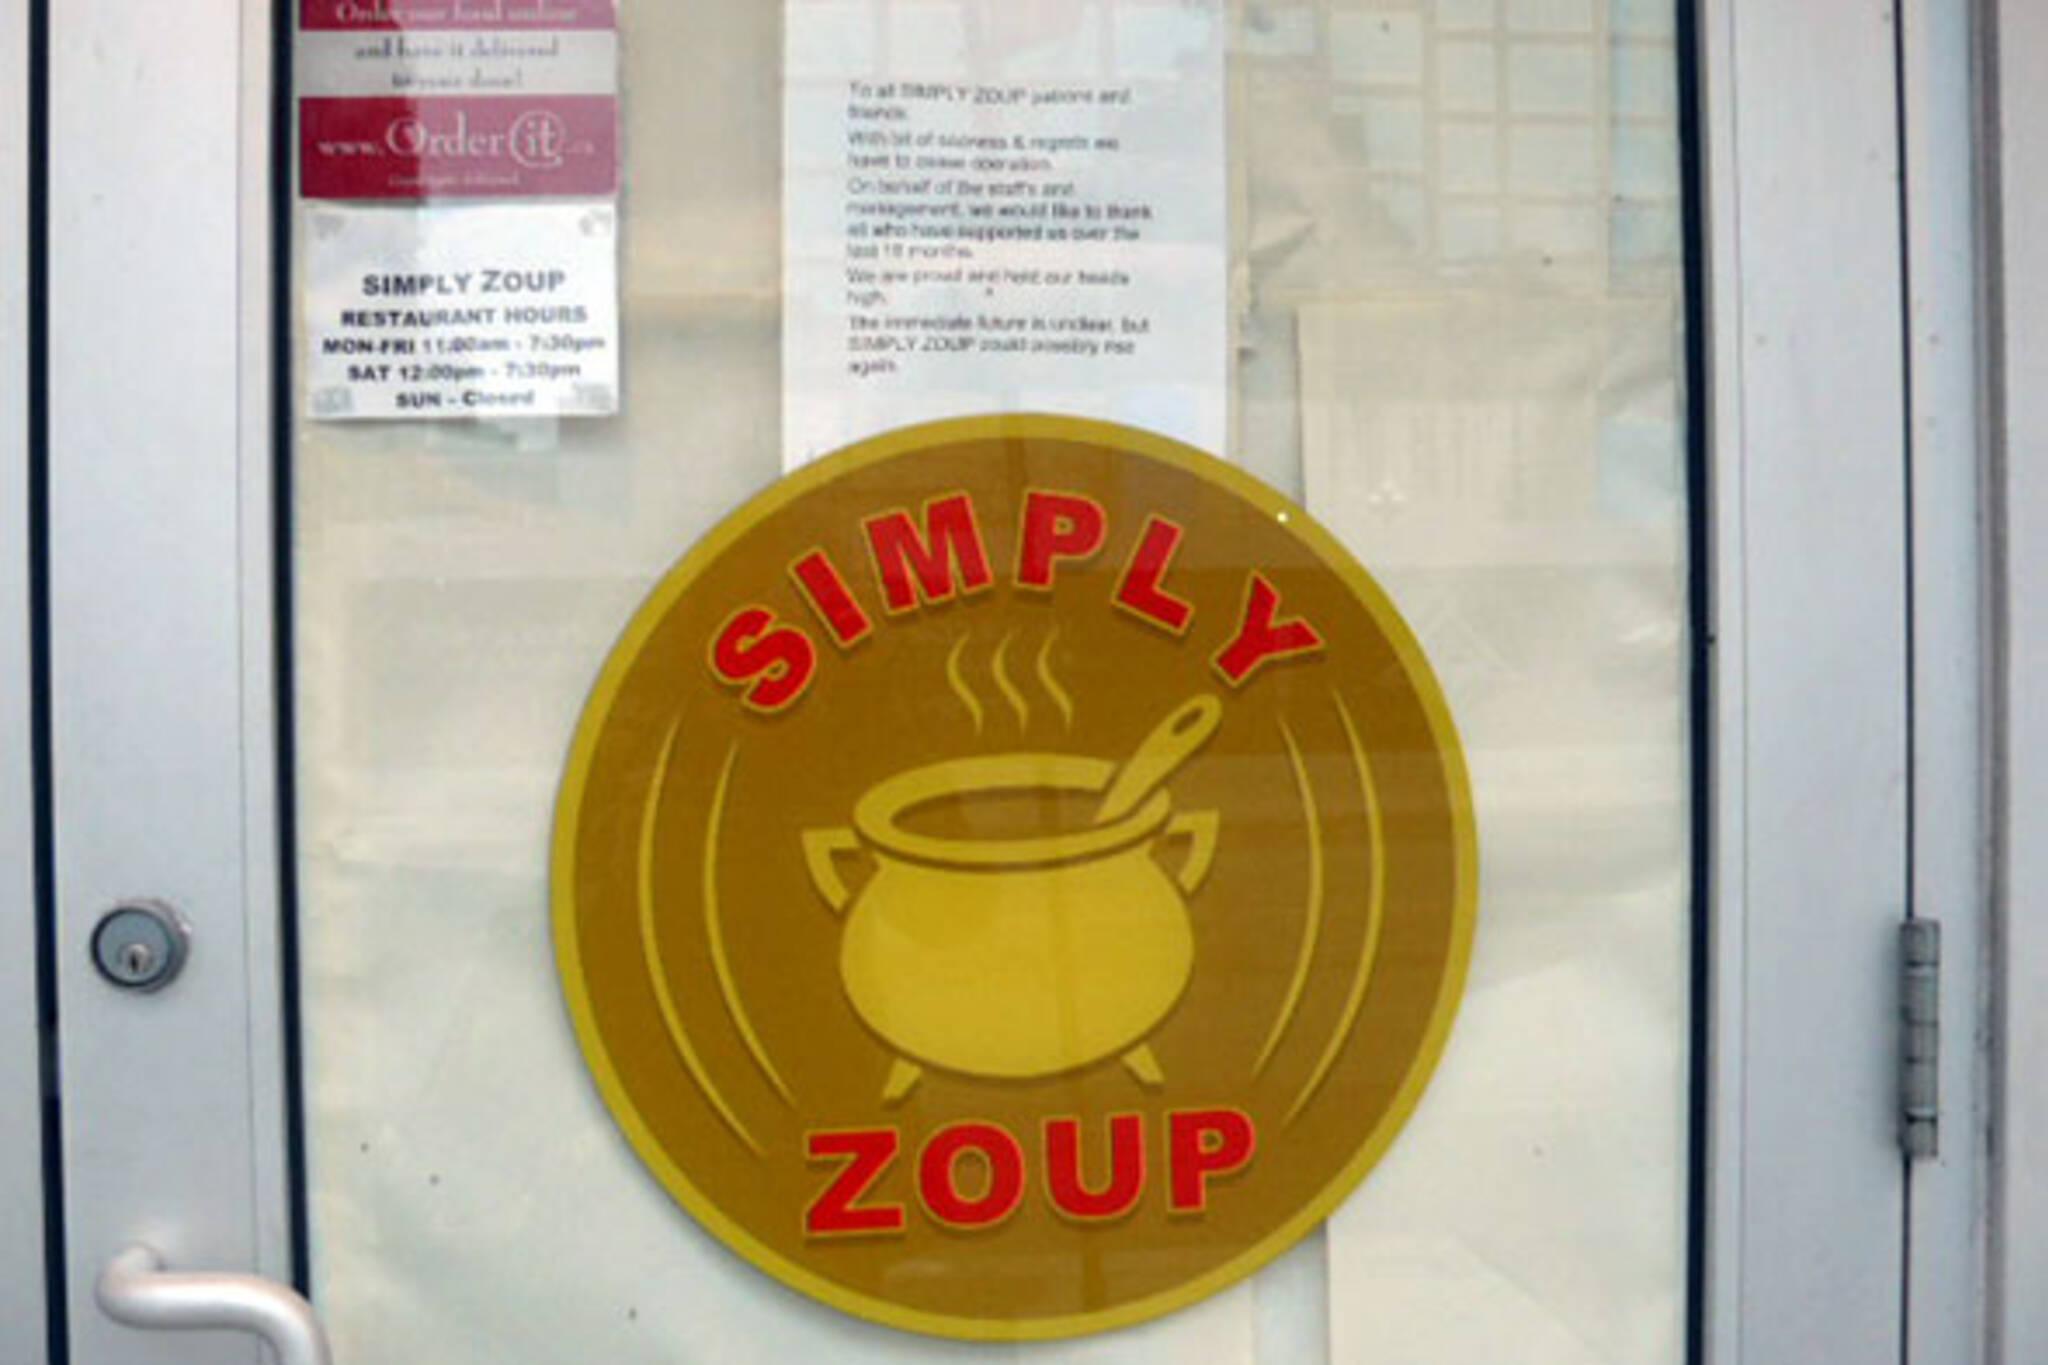 Simply Zoup